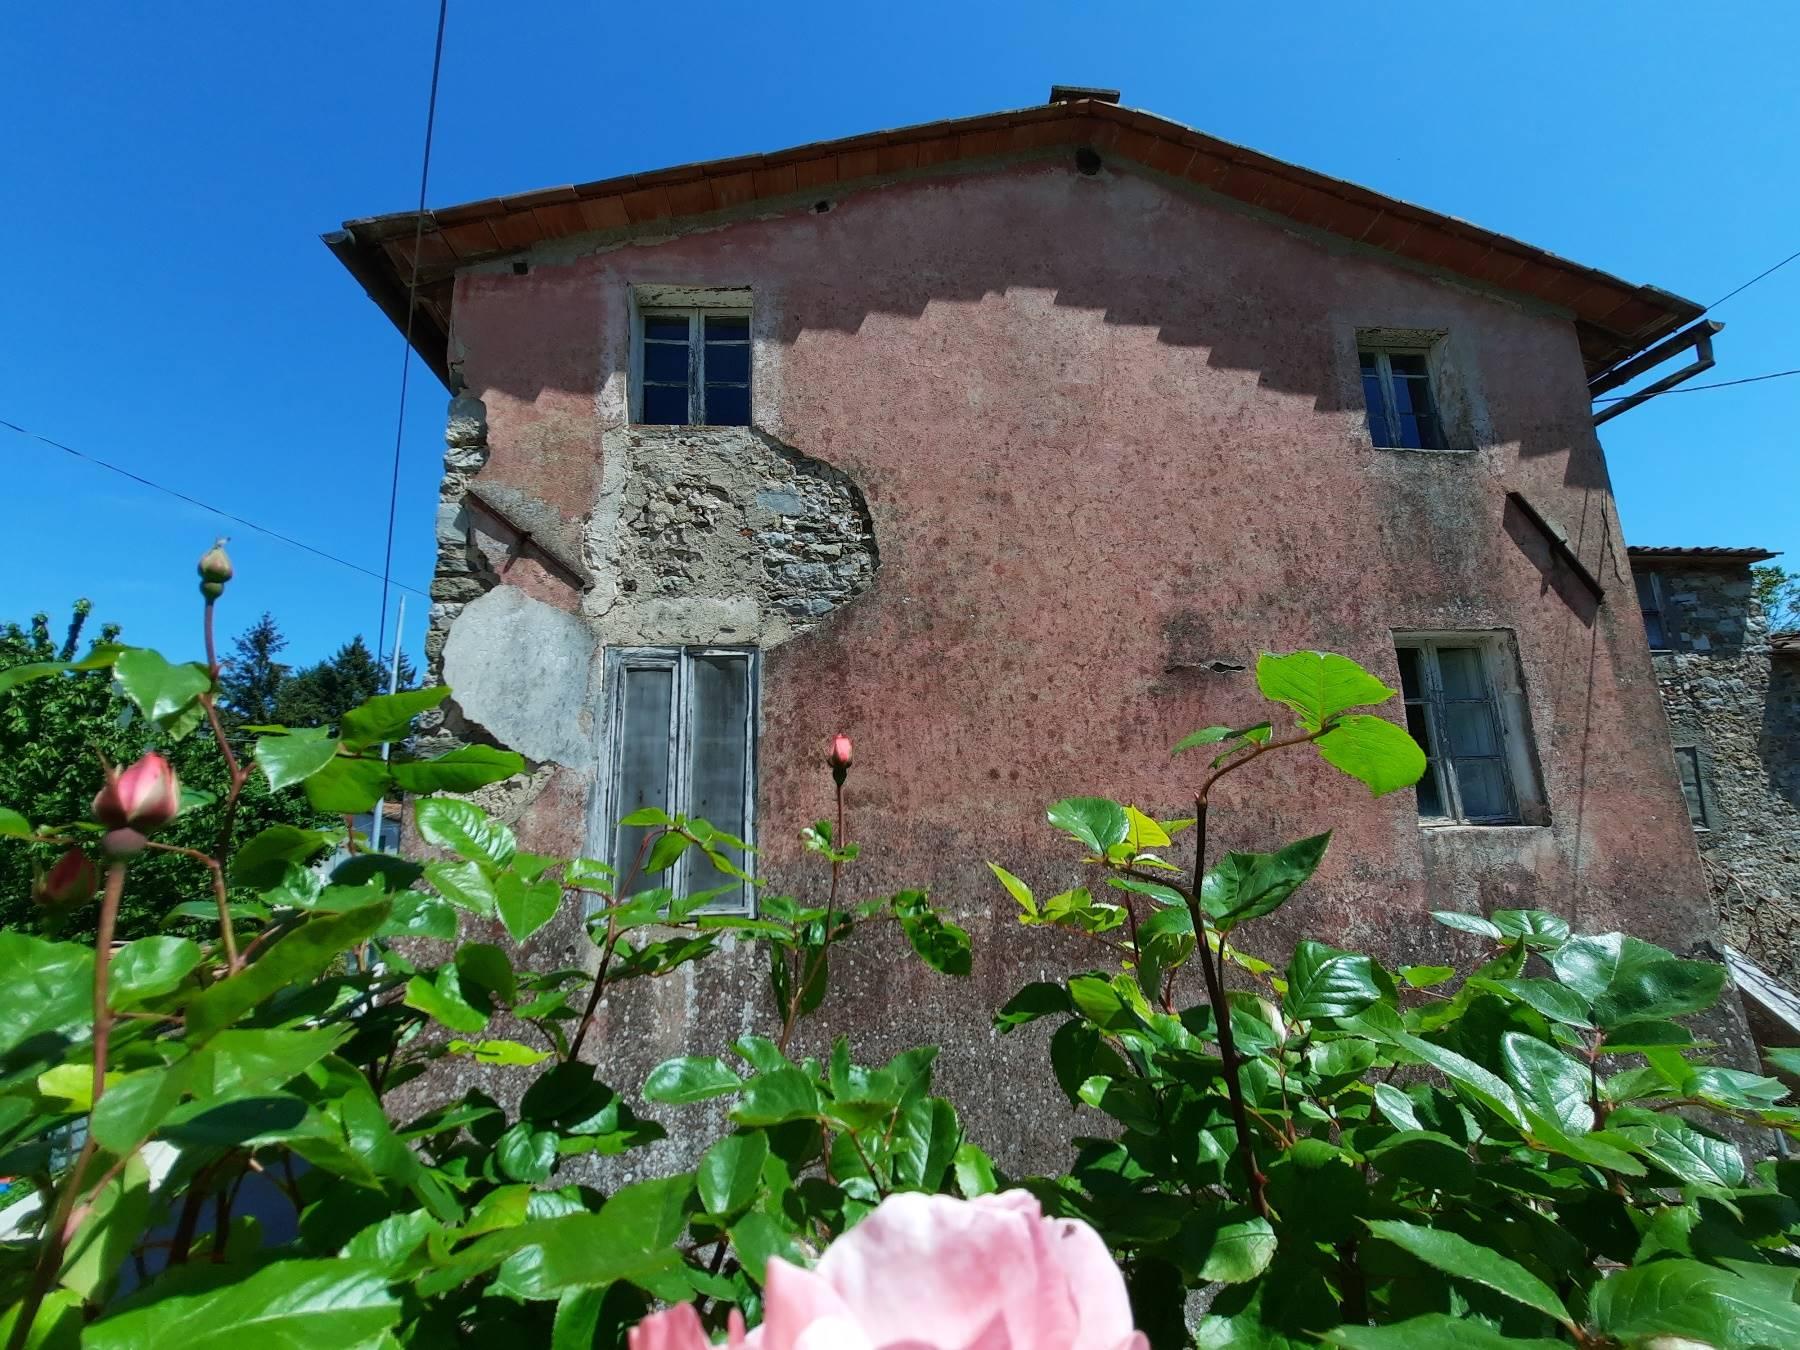 La facciata esterna - The external facade